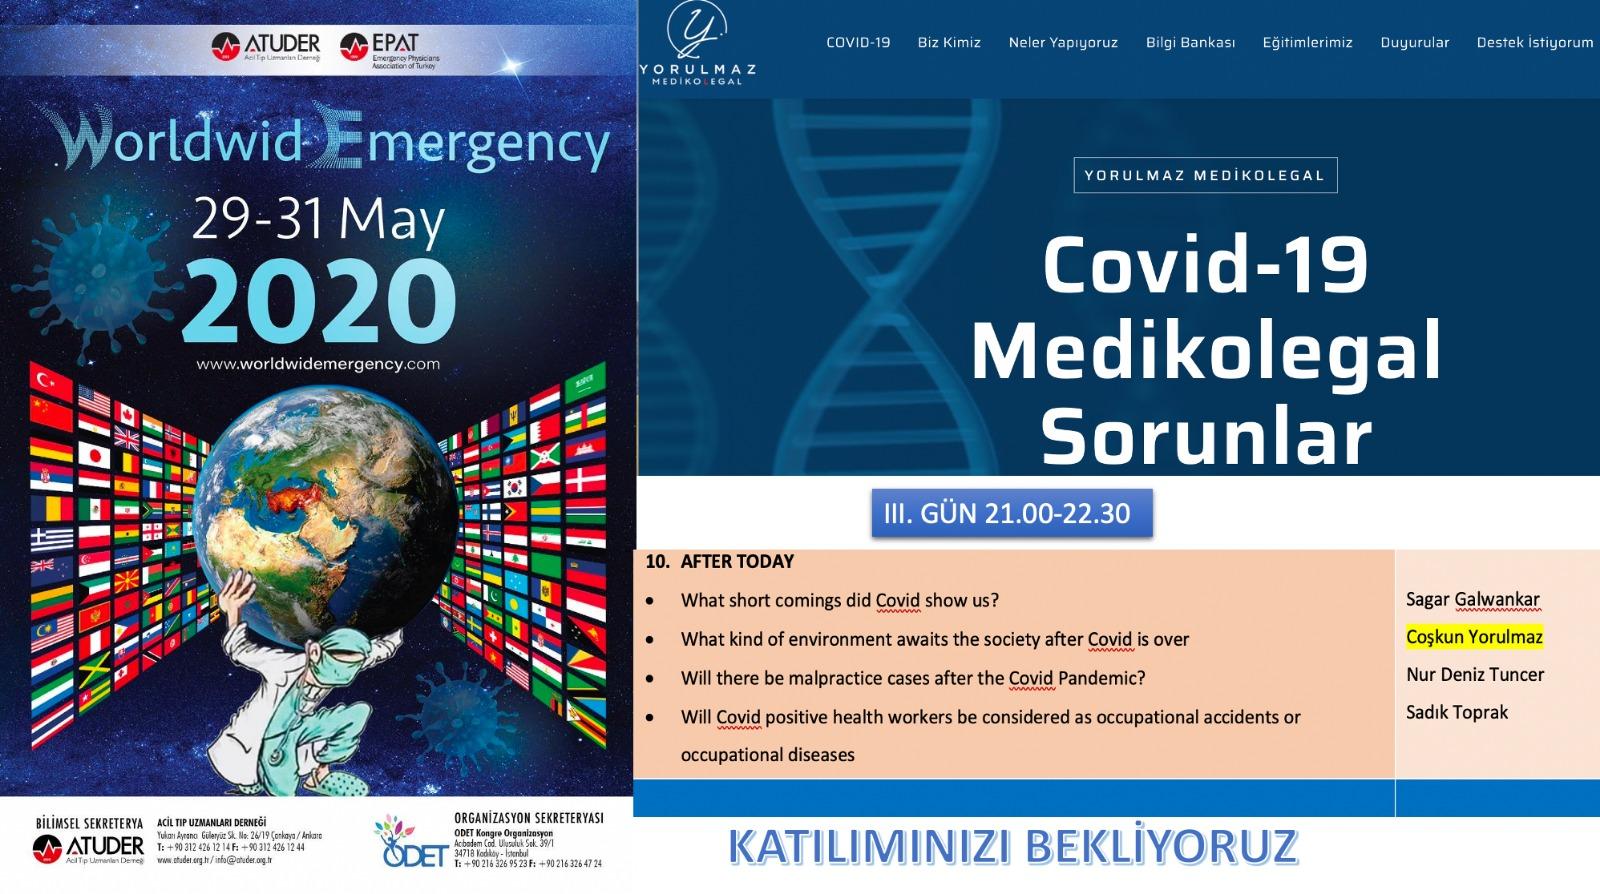 covid 19 medikologal sorunlar kongresi